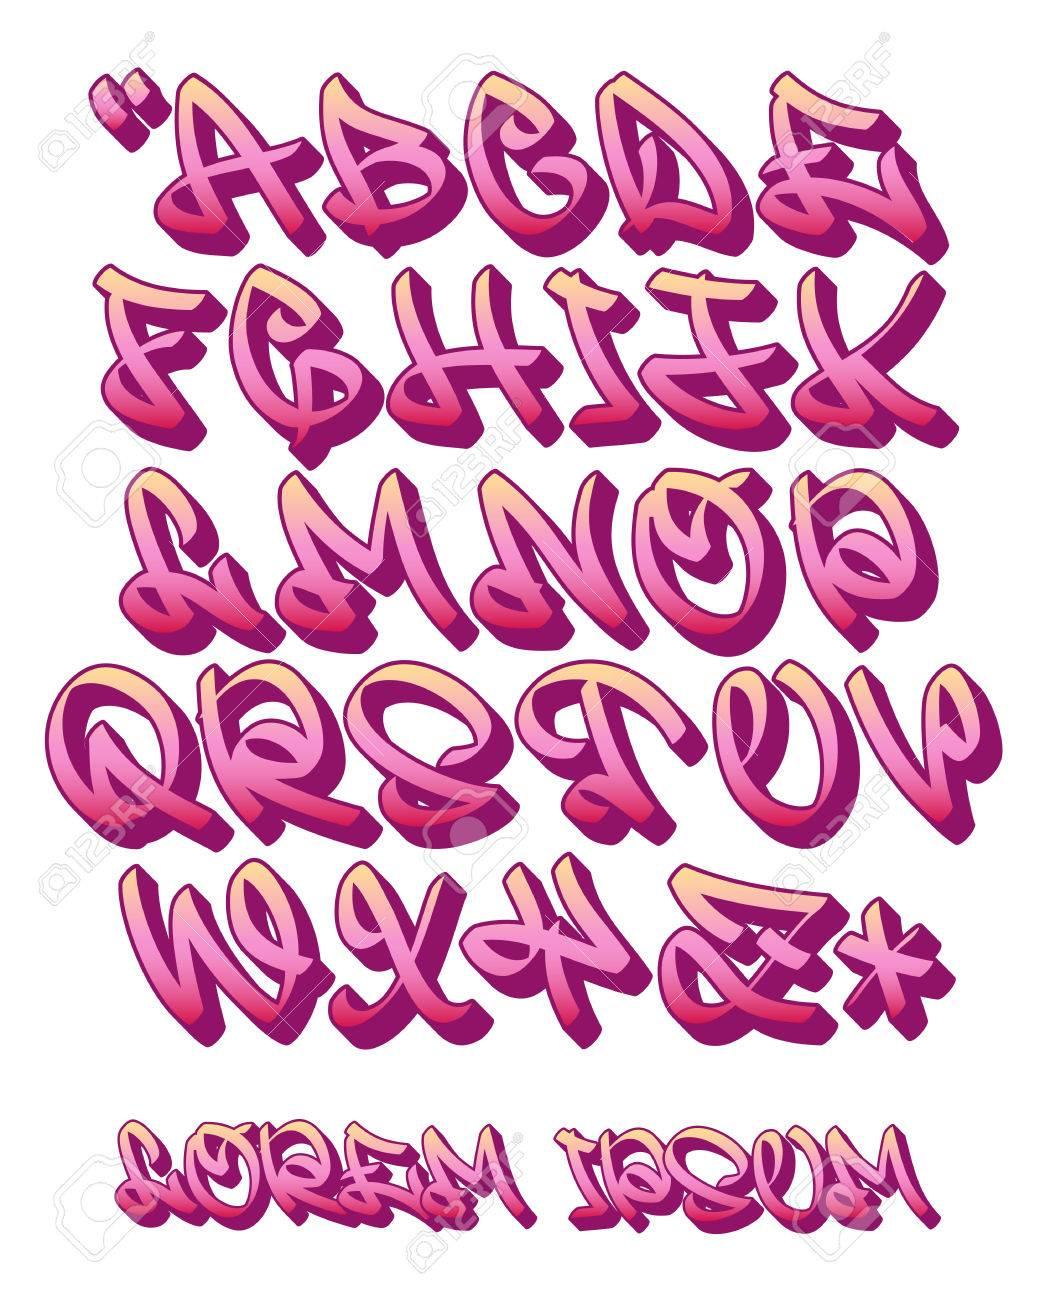 Vectorial Fuente En El Estilo De Graffiti Escrito A Mano 3d Letras